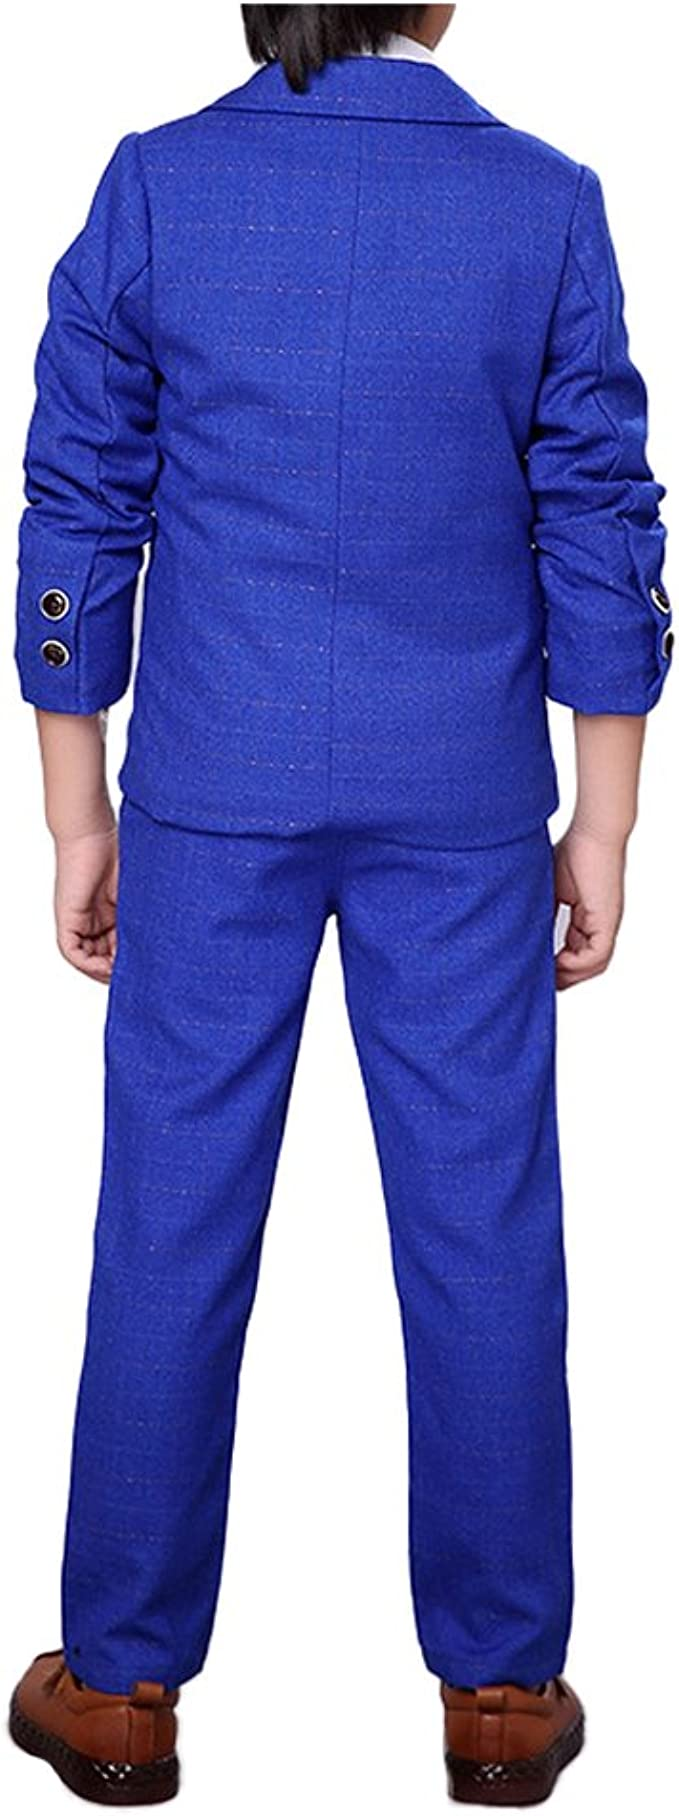 YUFAN Boys Suits 3 Pieces Royal Blue Purple Green 3 Colors Suit Jacket Vest Pants Set